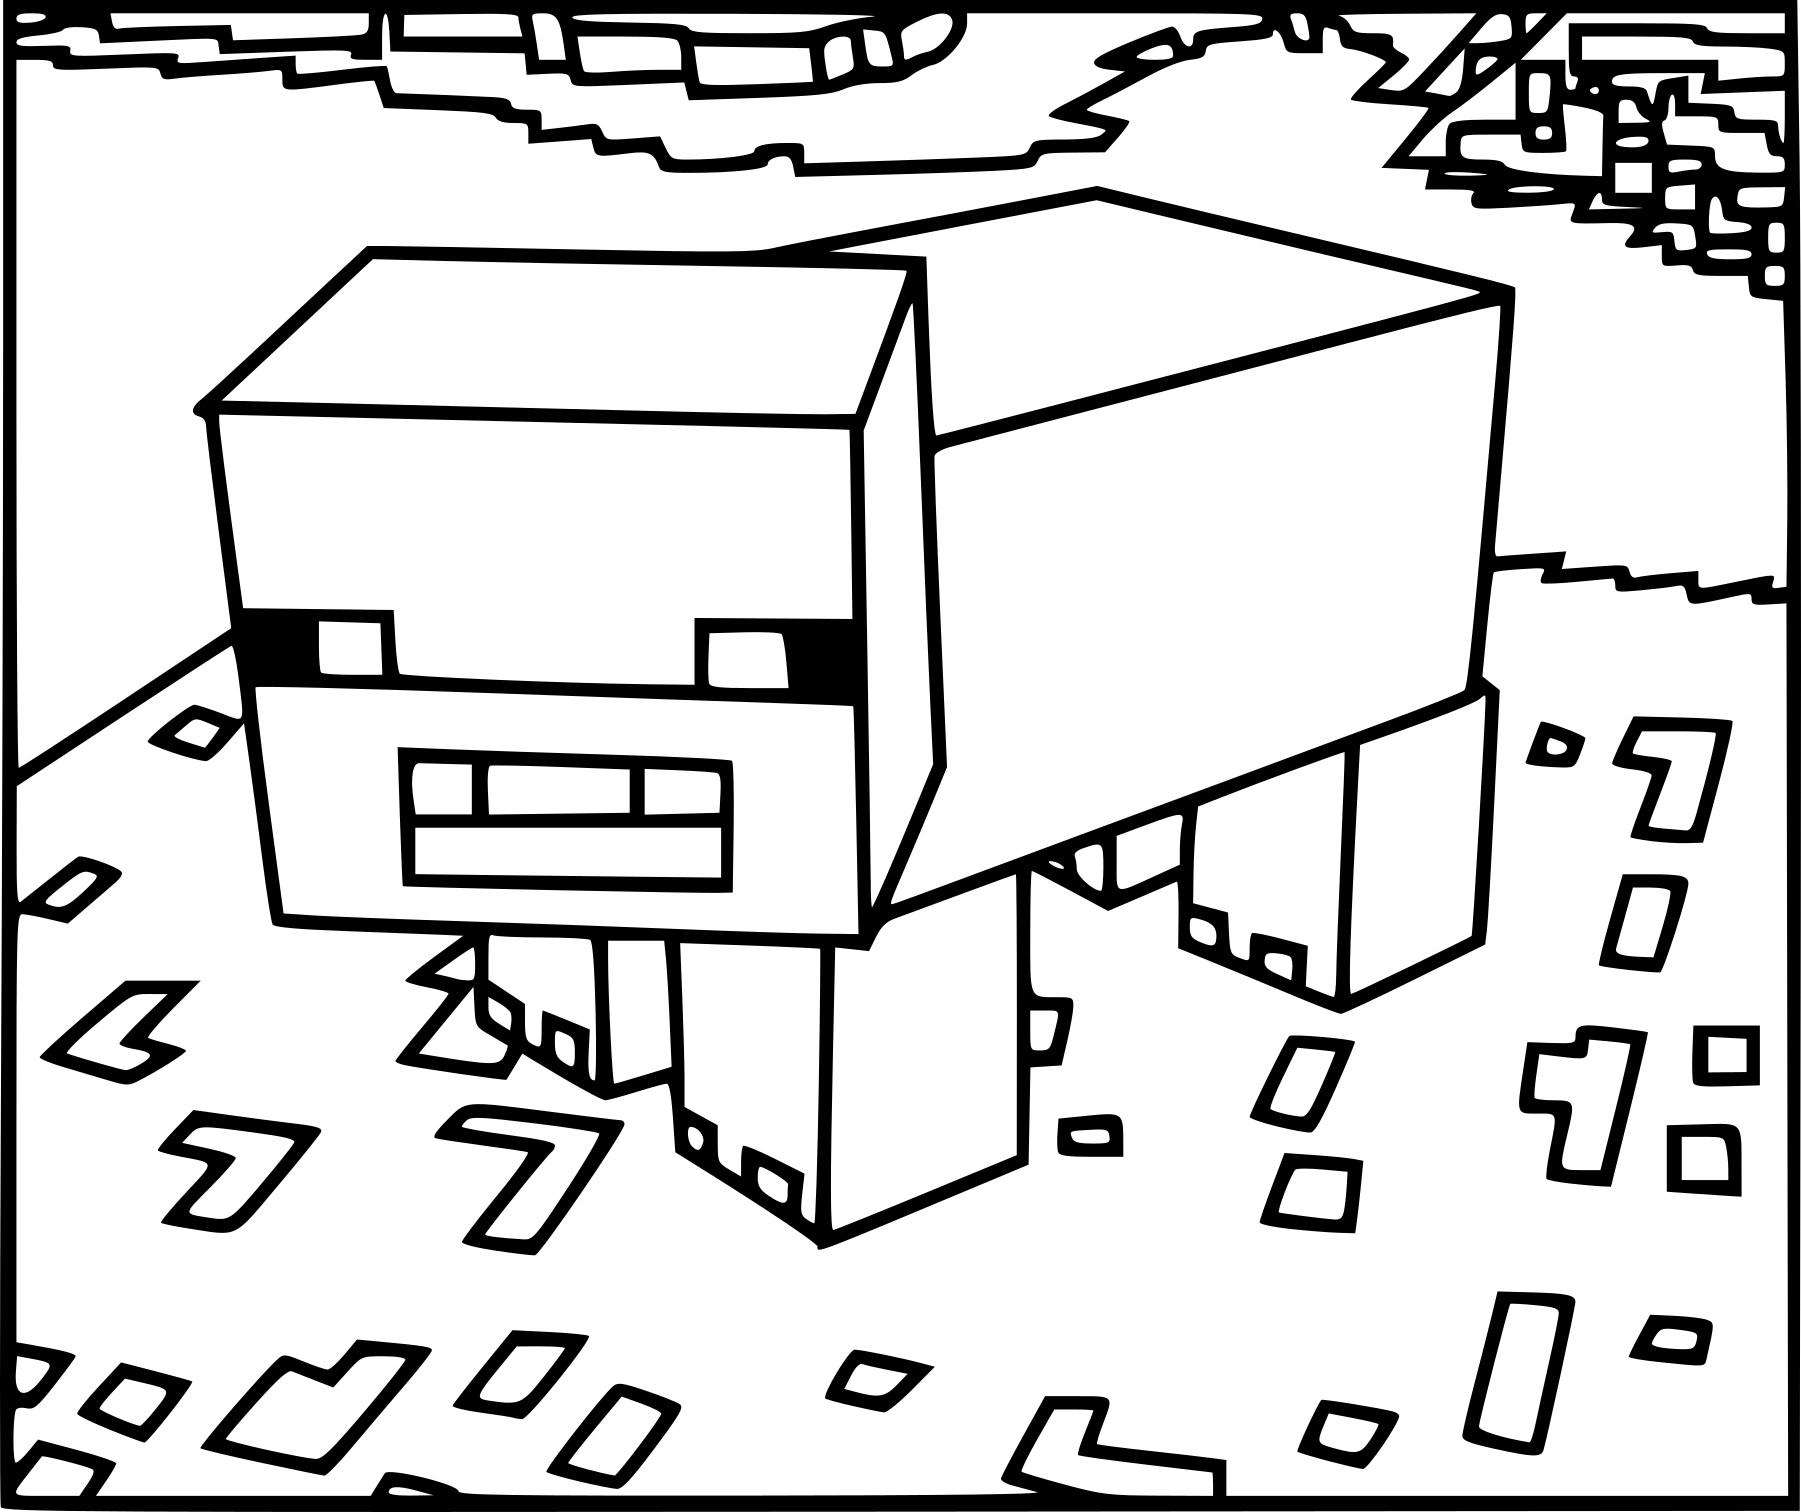 Coloriage Cochon Minecraft À Imprimer concernant Dessin A Colorier Cochon